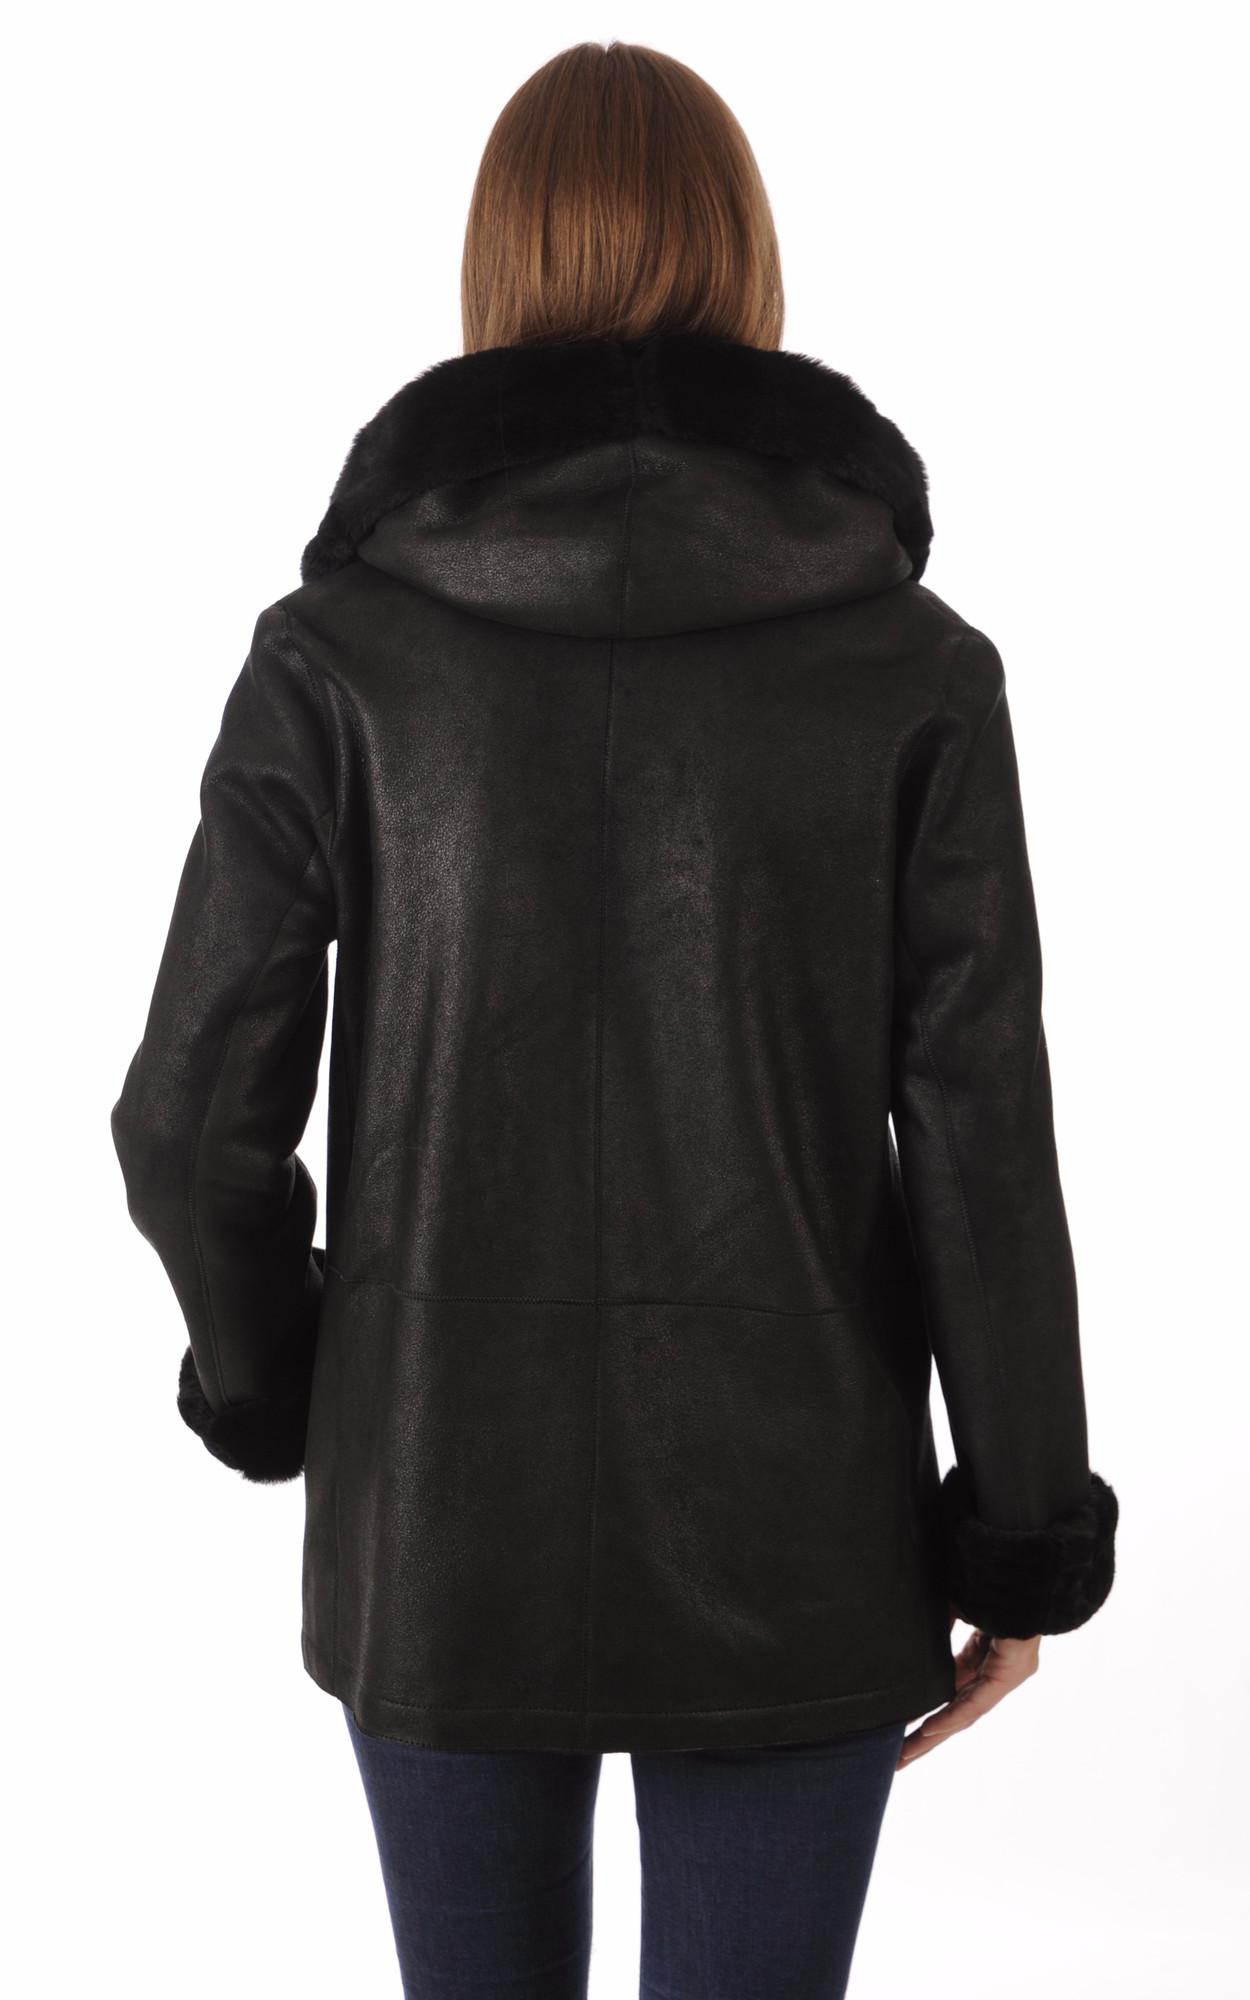 Veste Peau Lainée Noire Confortable